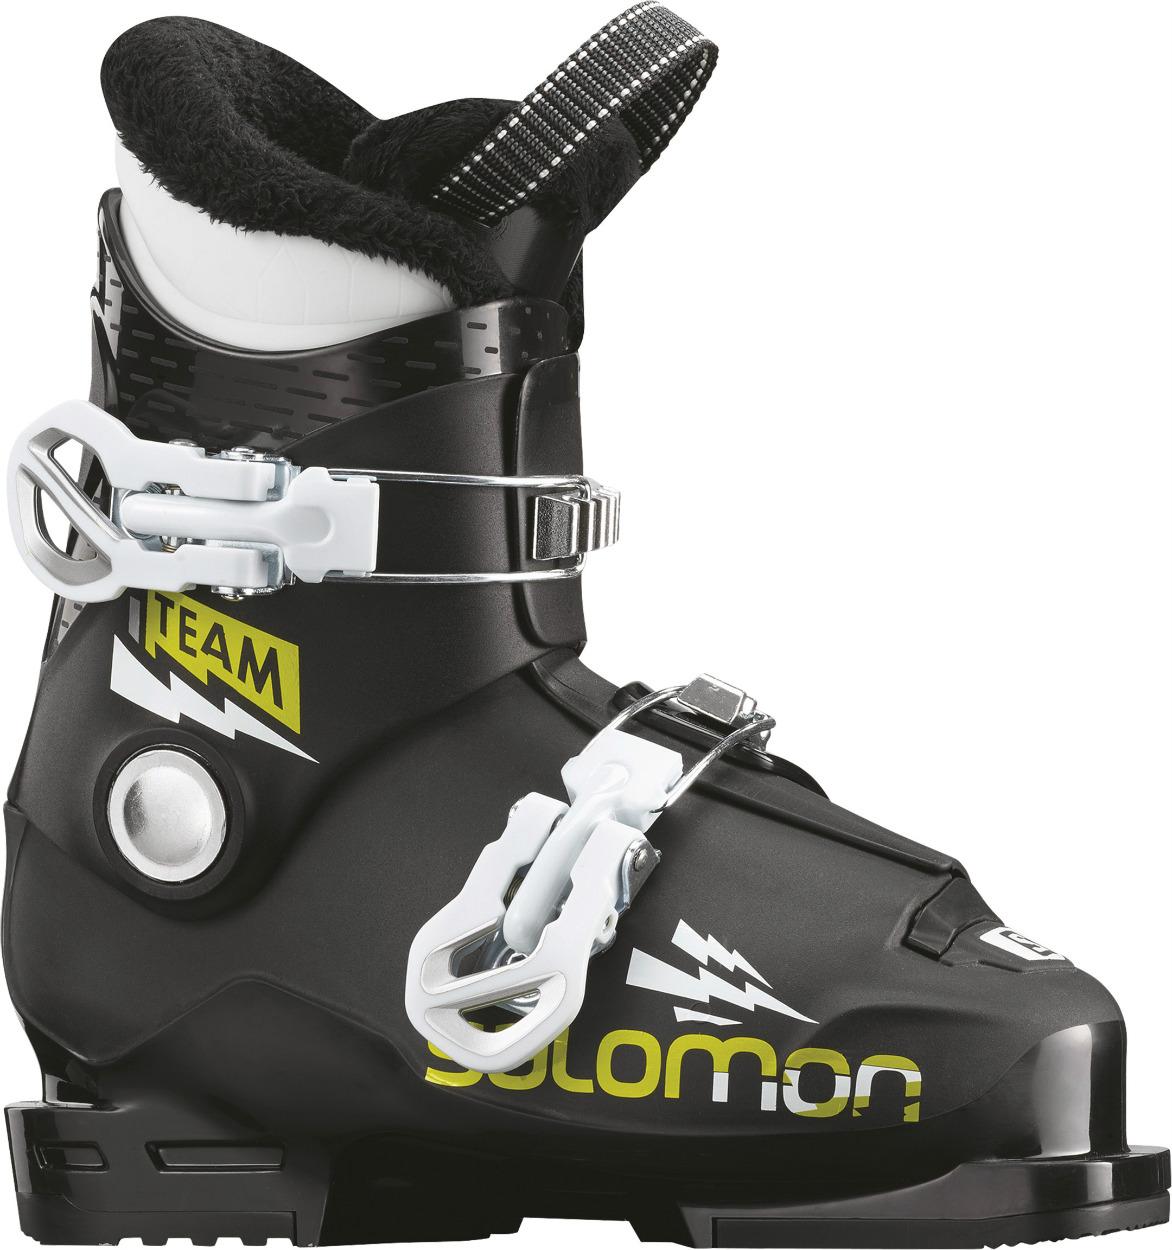 afc3138cc89 Salomon Team t2 jr skischoen zwart van skischoenen